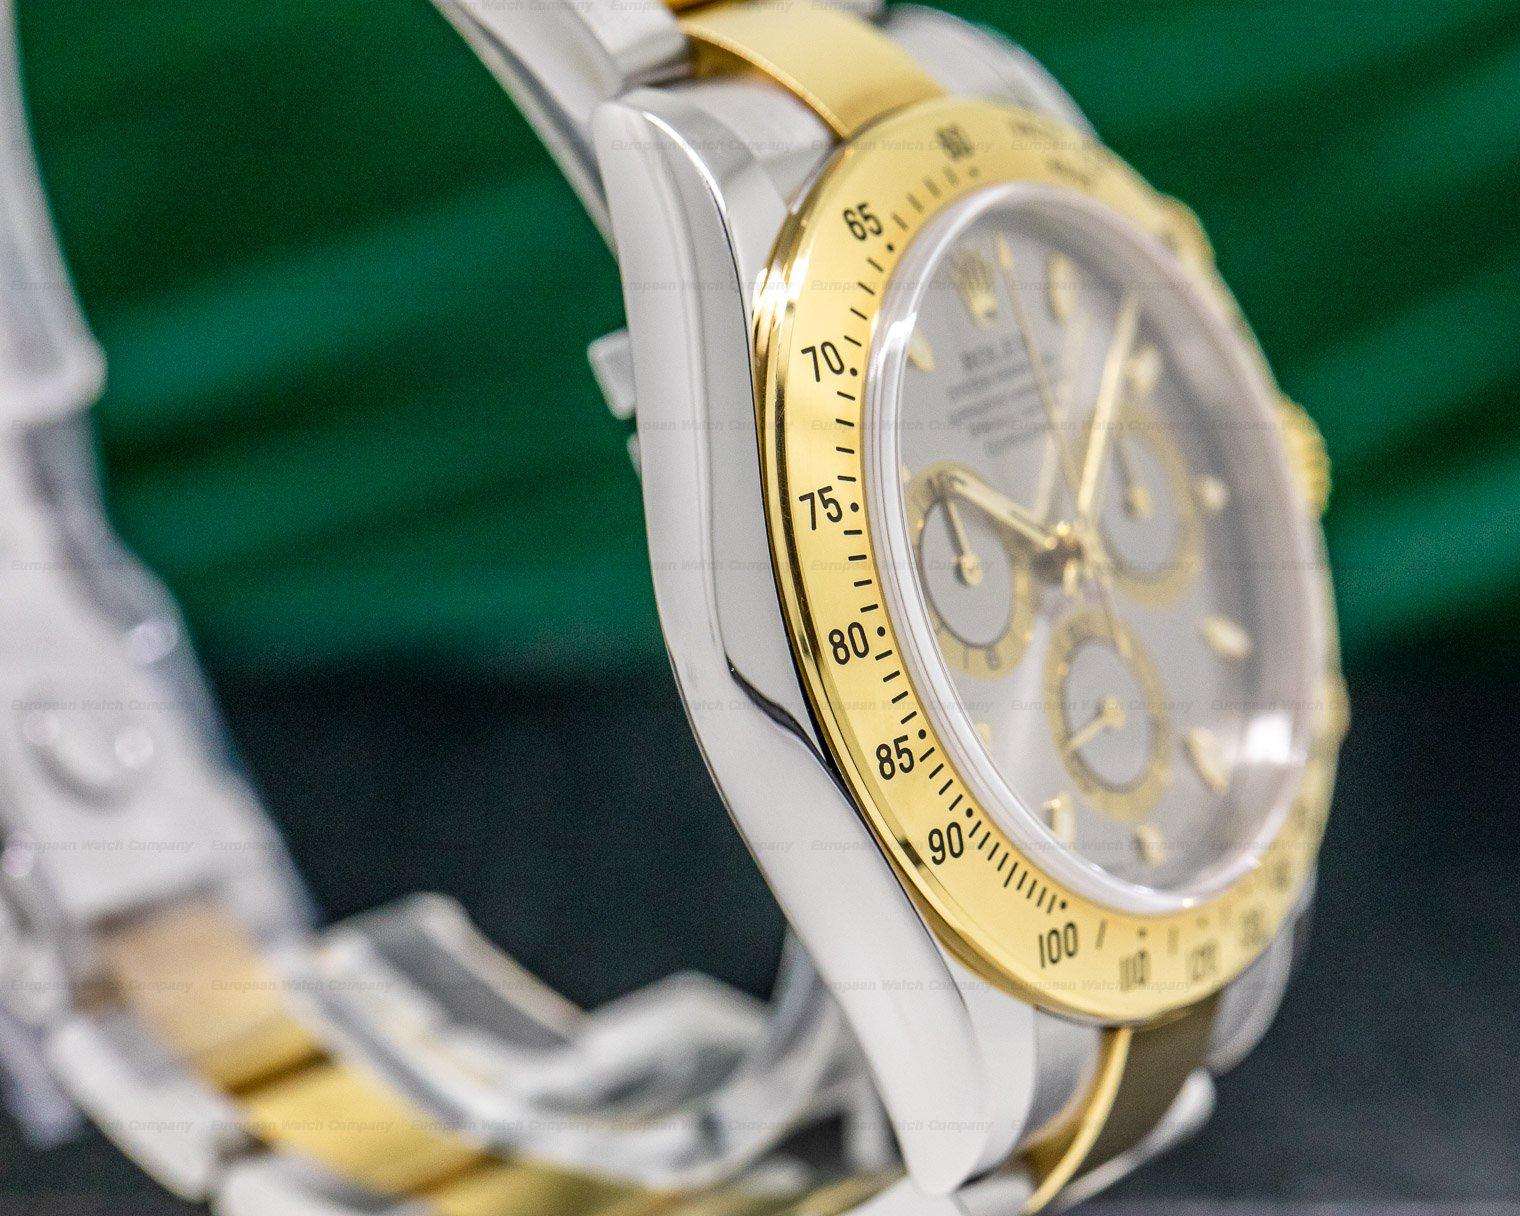 Rolex 116523 Daytona Slate Dial 18K Yellow Gold / SS FULL SET